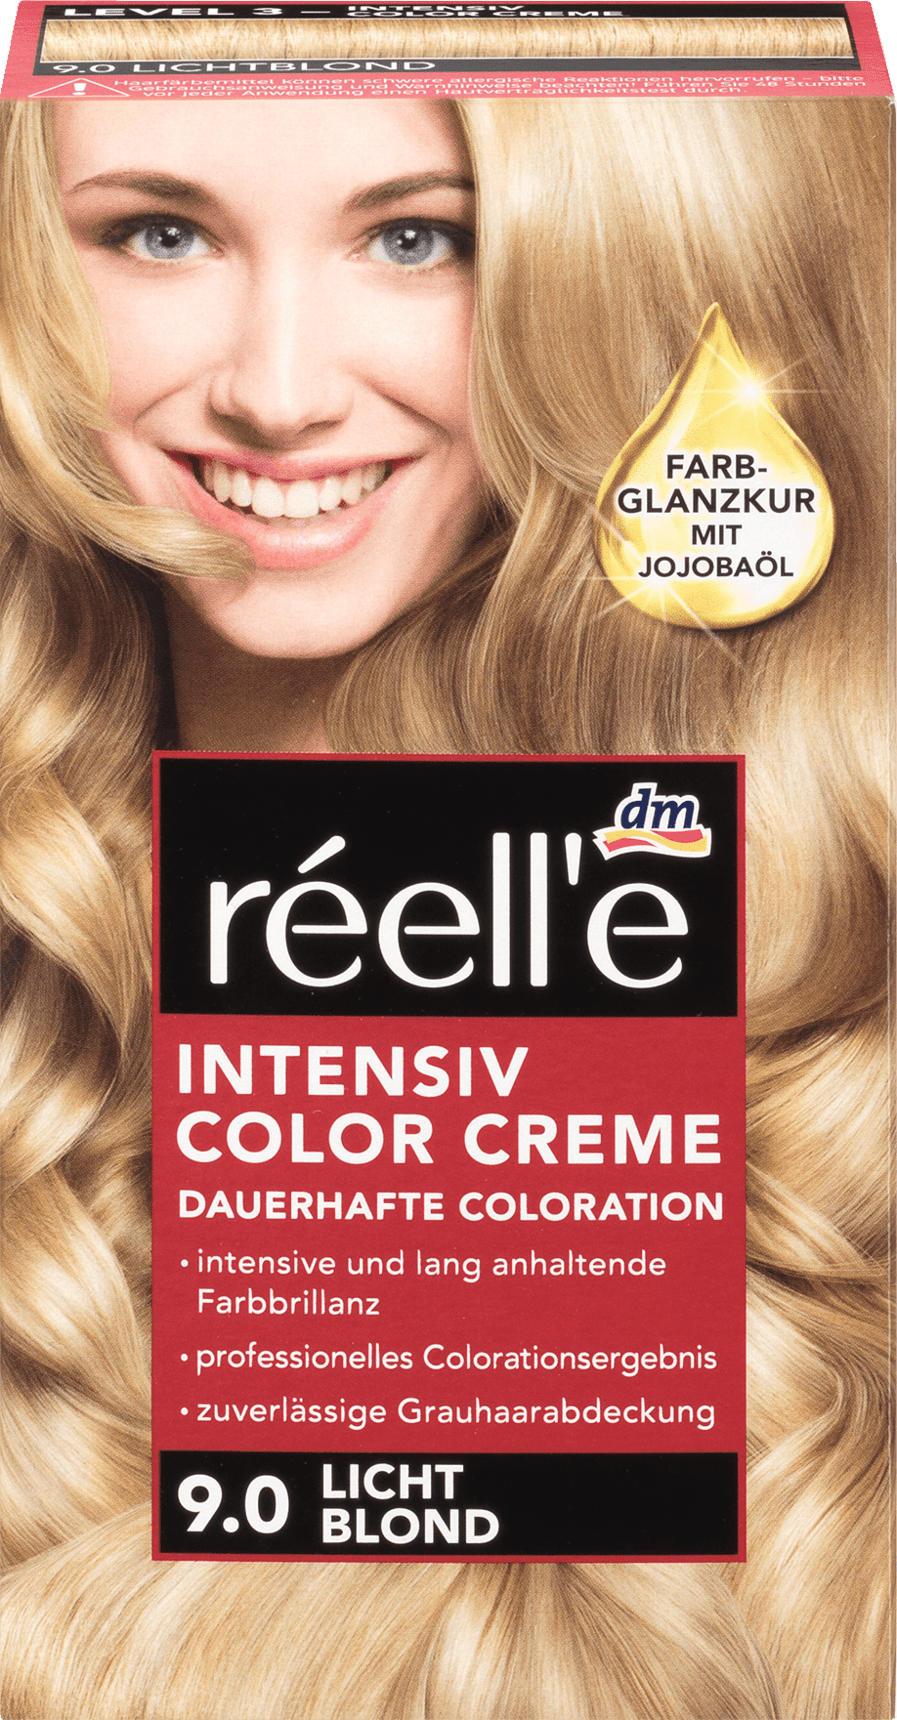 Alle haarfarben im dm